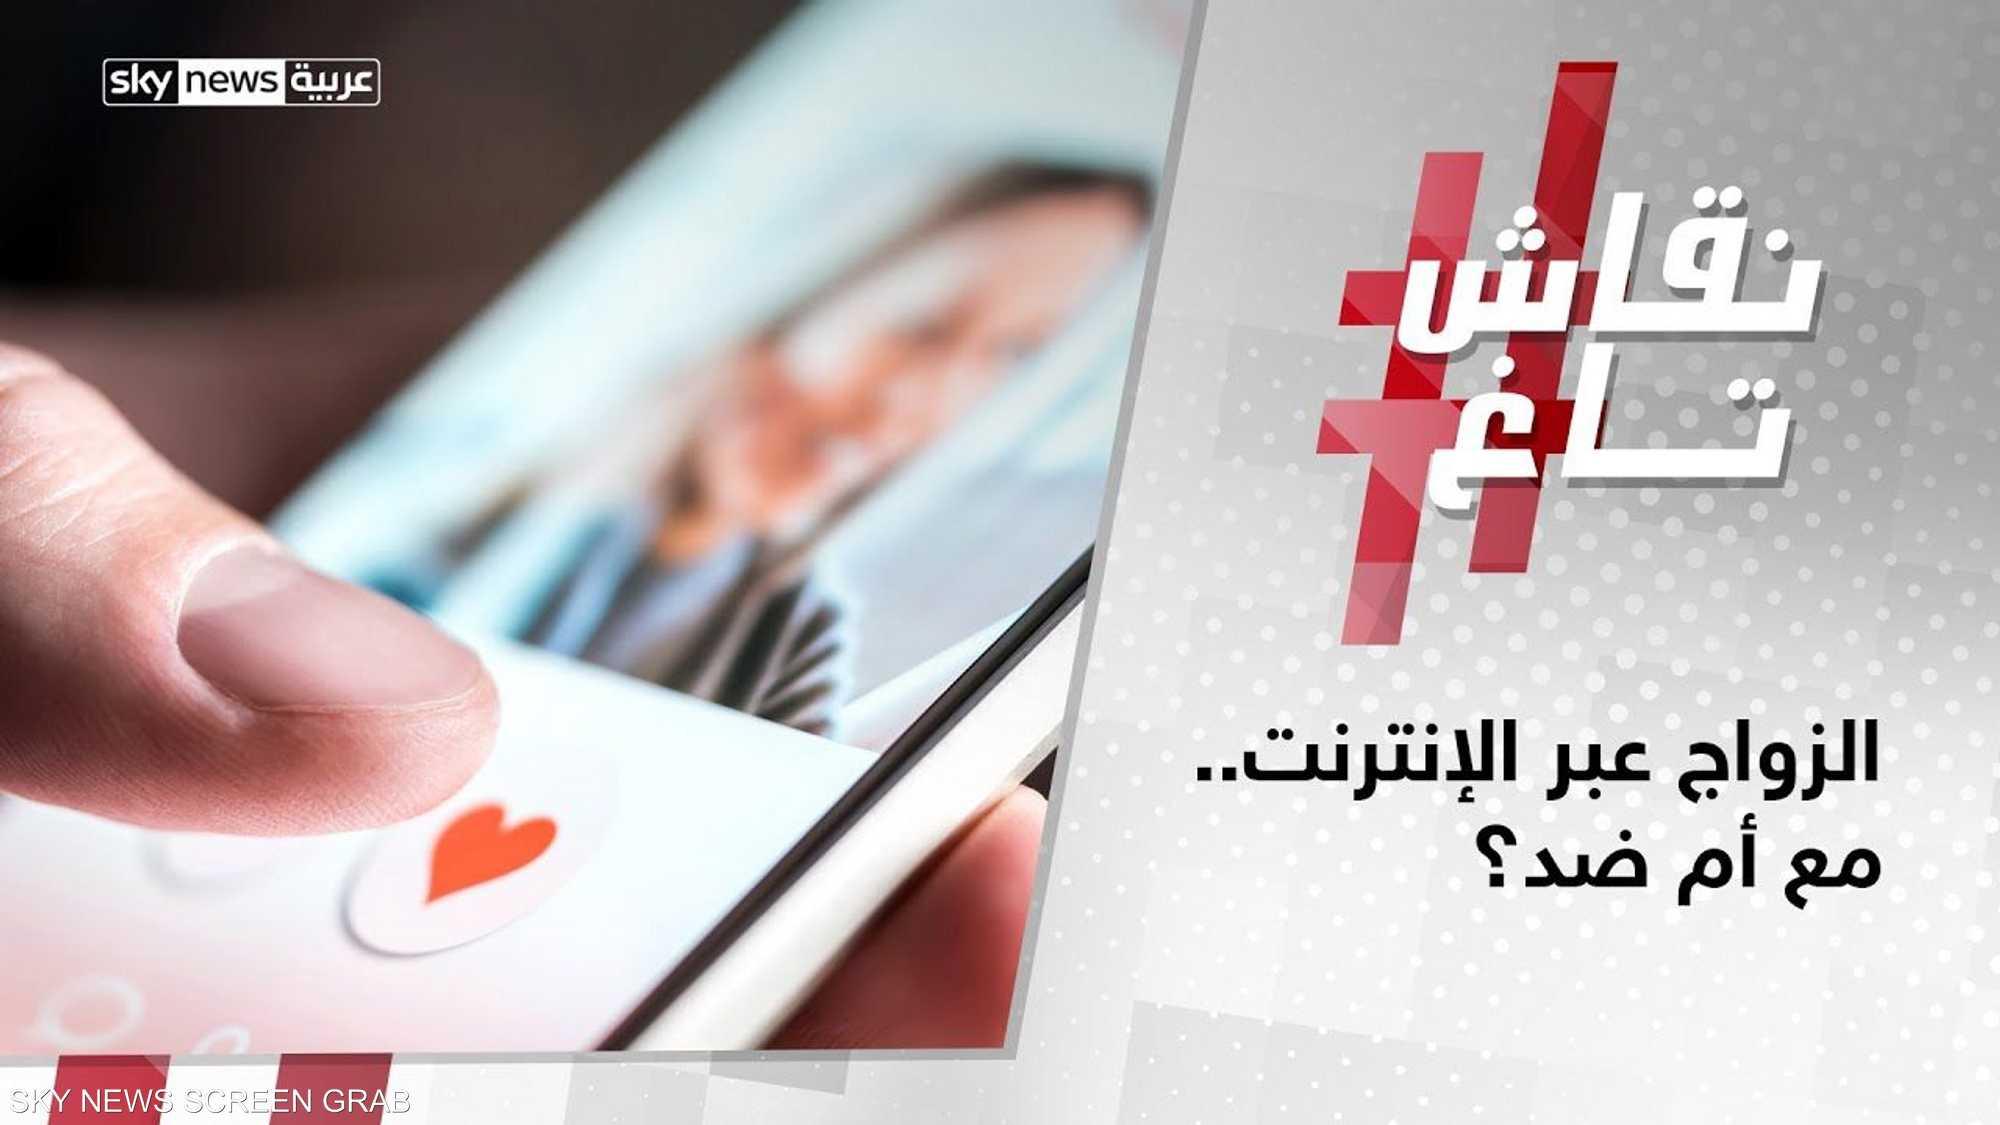 زواج الإنترنت.. انتشار سريع وجوانب إيجابية وأخرى سلبية